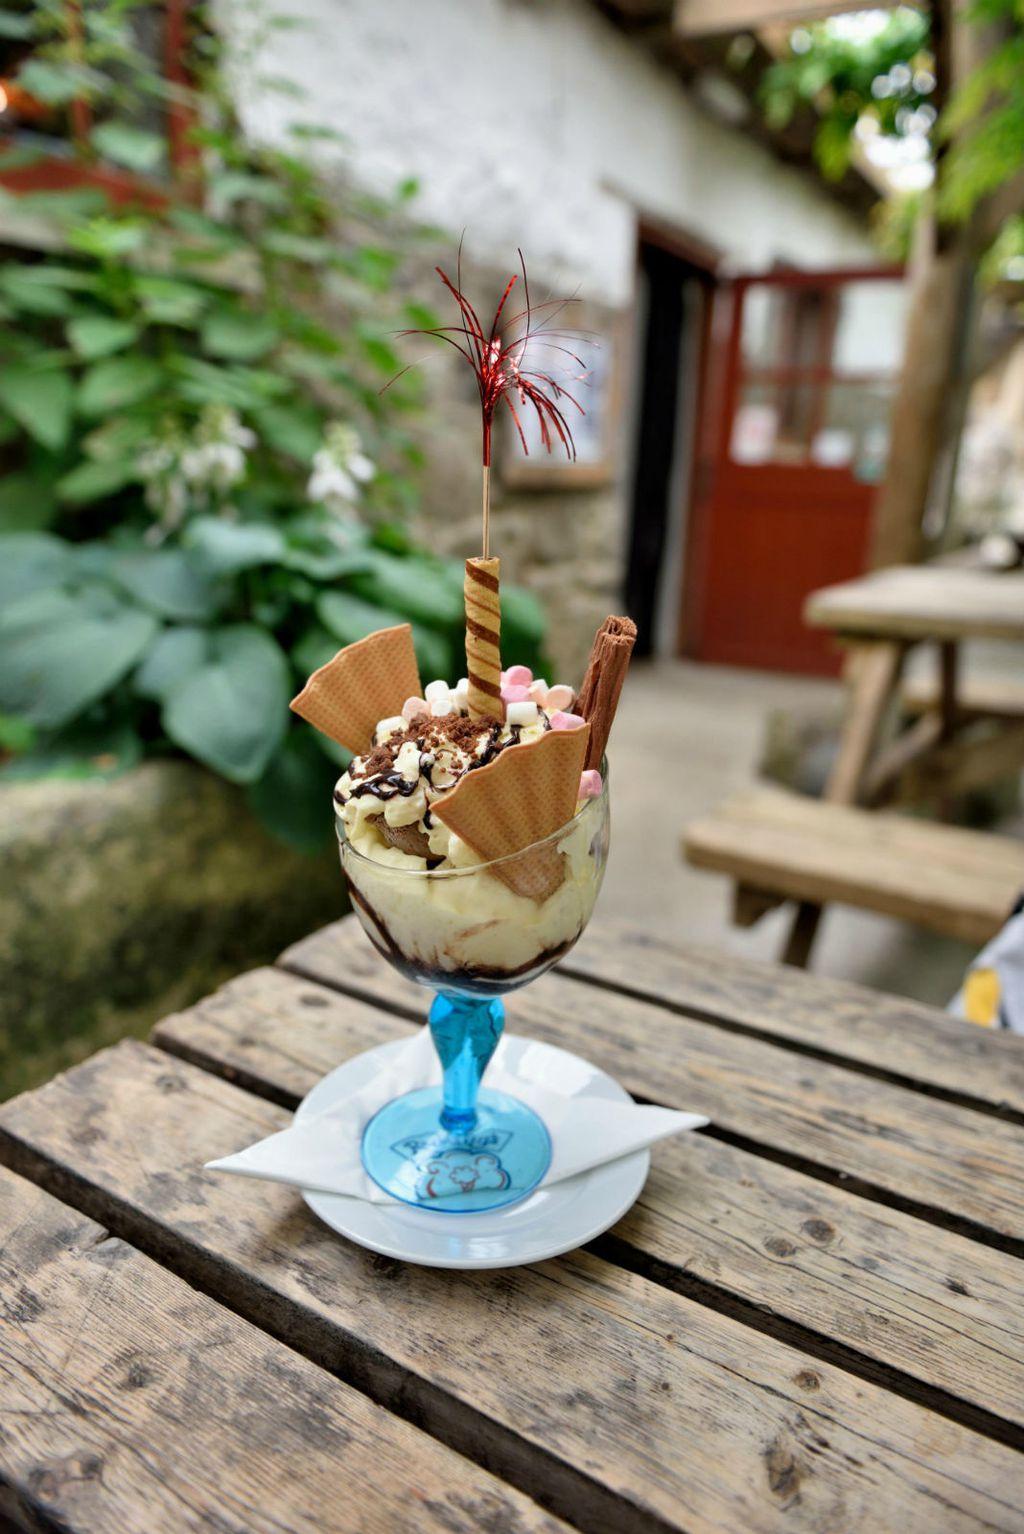 Ulaz na farmu Roskilly je besplatan, ali ne i njihov poznati sladoled